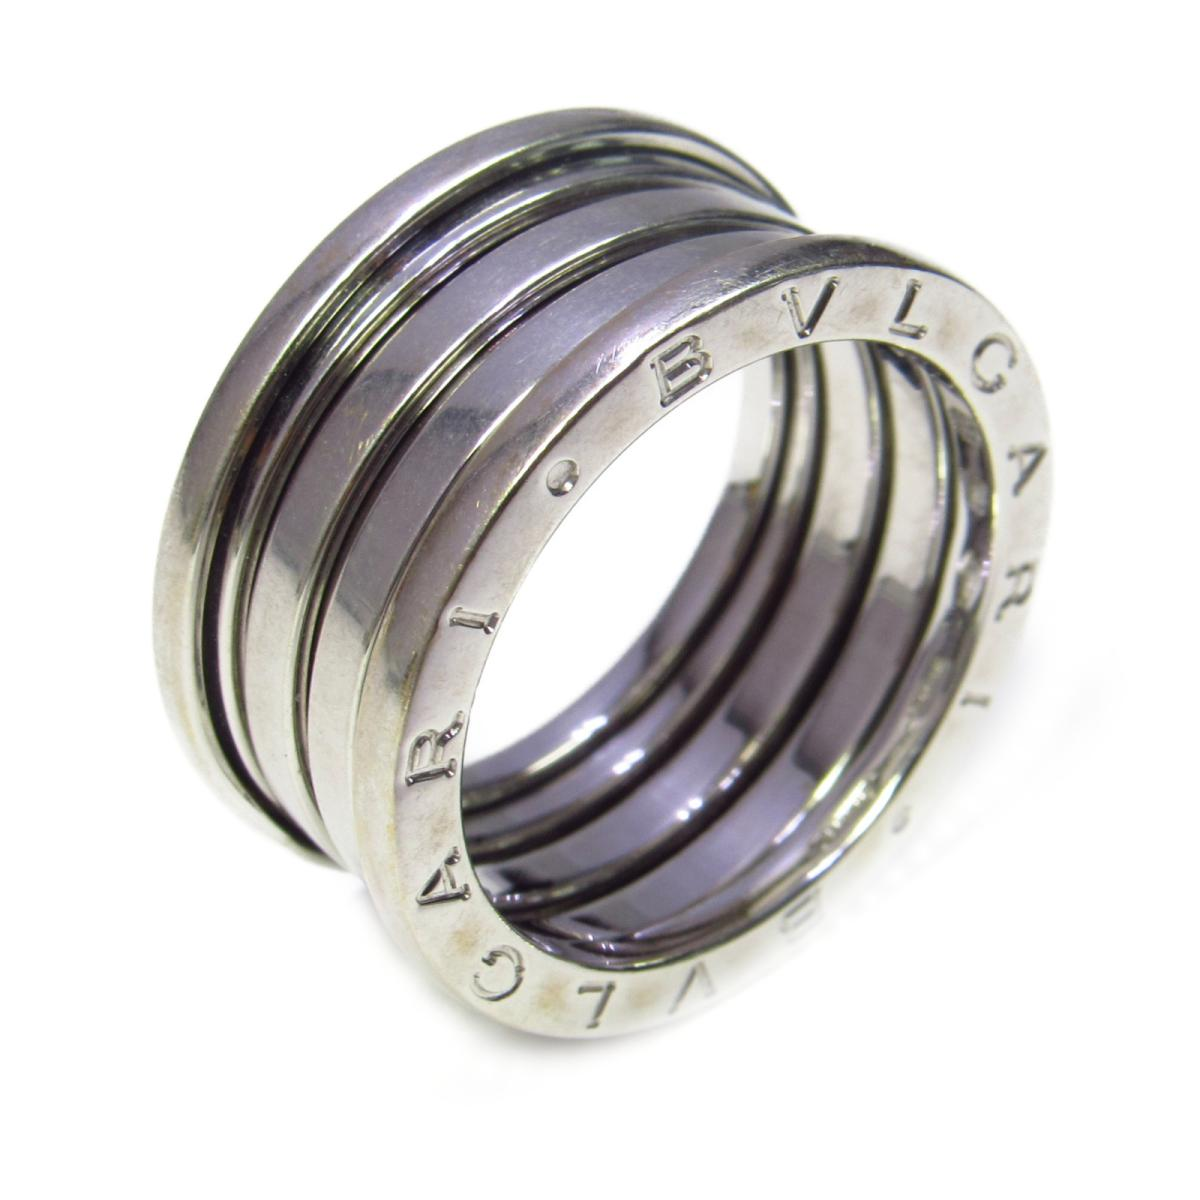 6bd1291f195f ブルガリ B-zero1 リング Mサイズ 指輪 ブランドジュエリー メンズ ...